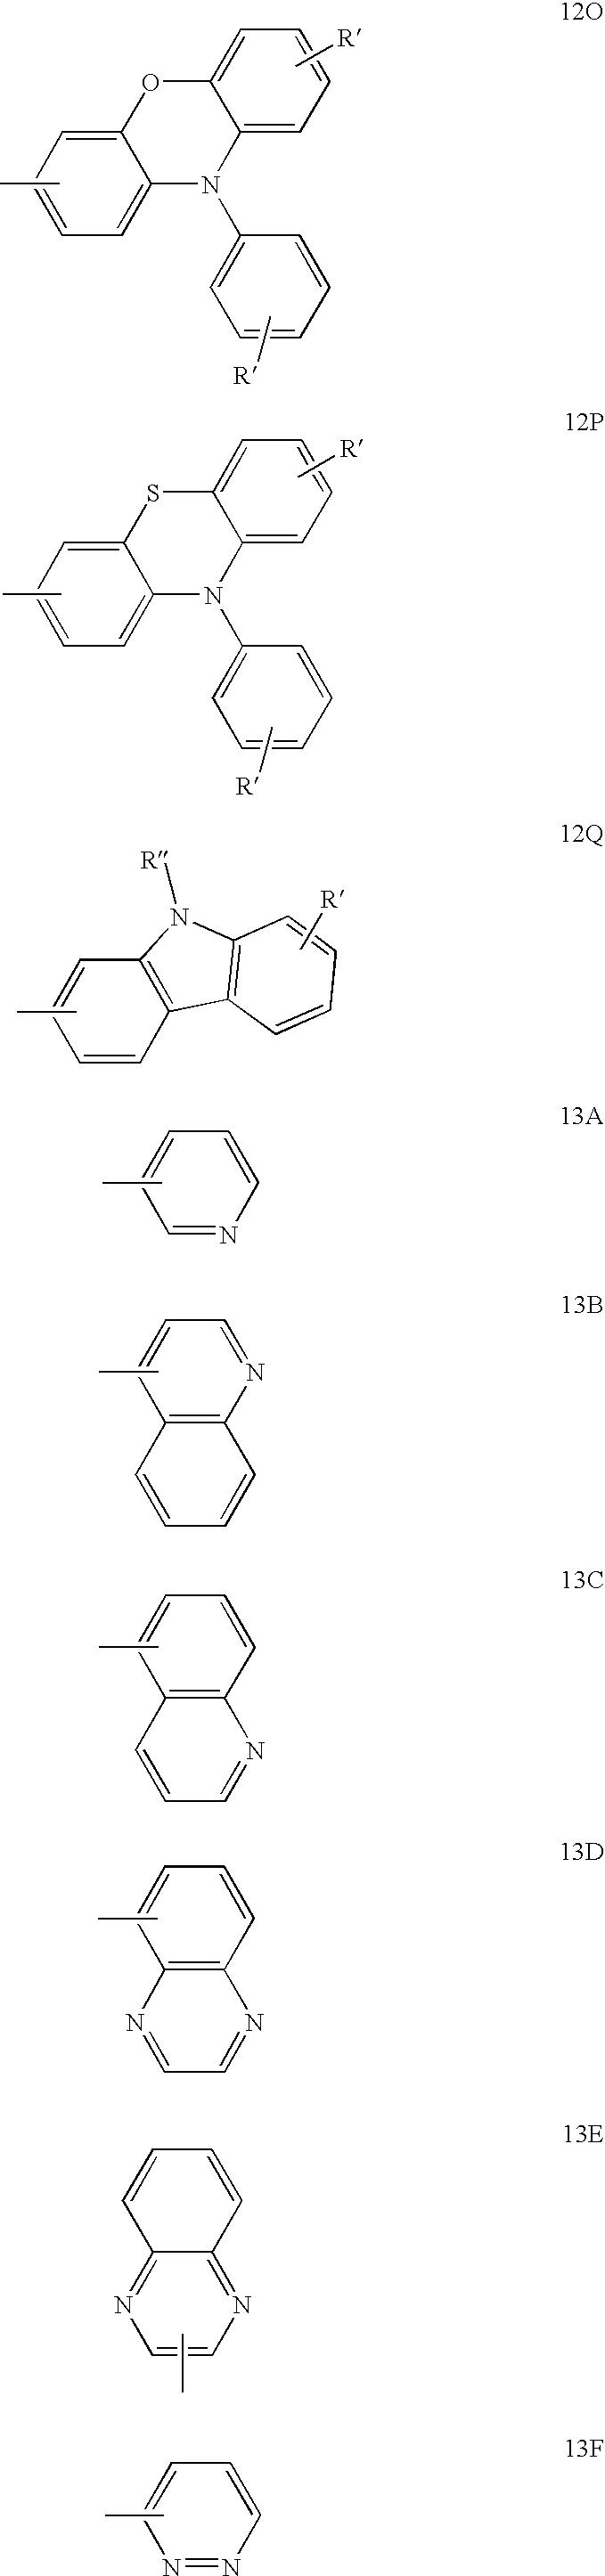 Figure US07875367-20110125-C00055